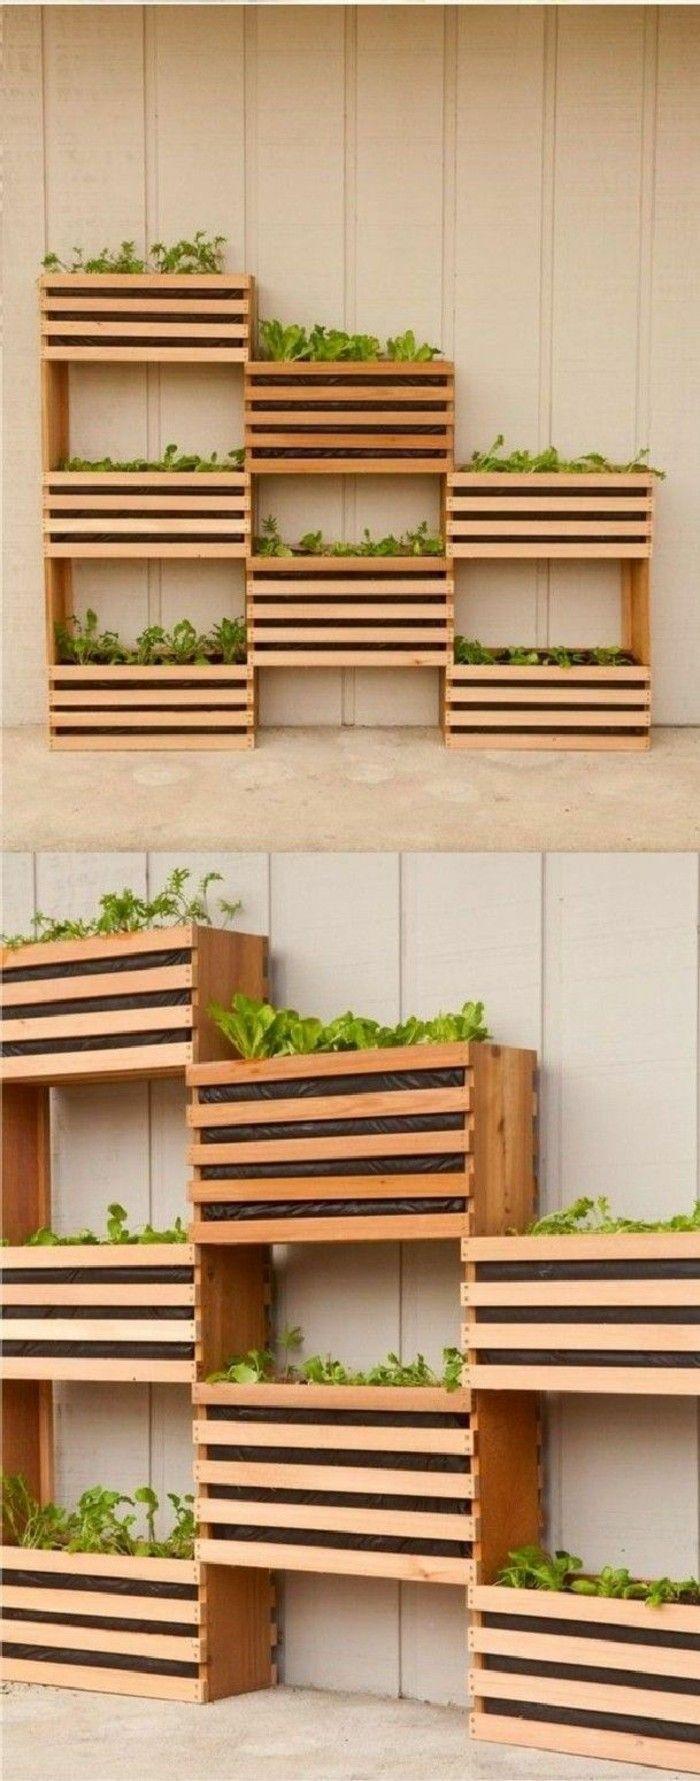 Garten, Terrasse, Balkon – Ideen zum Selbermachen und Verschönern – Garten …